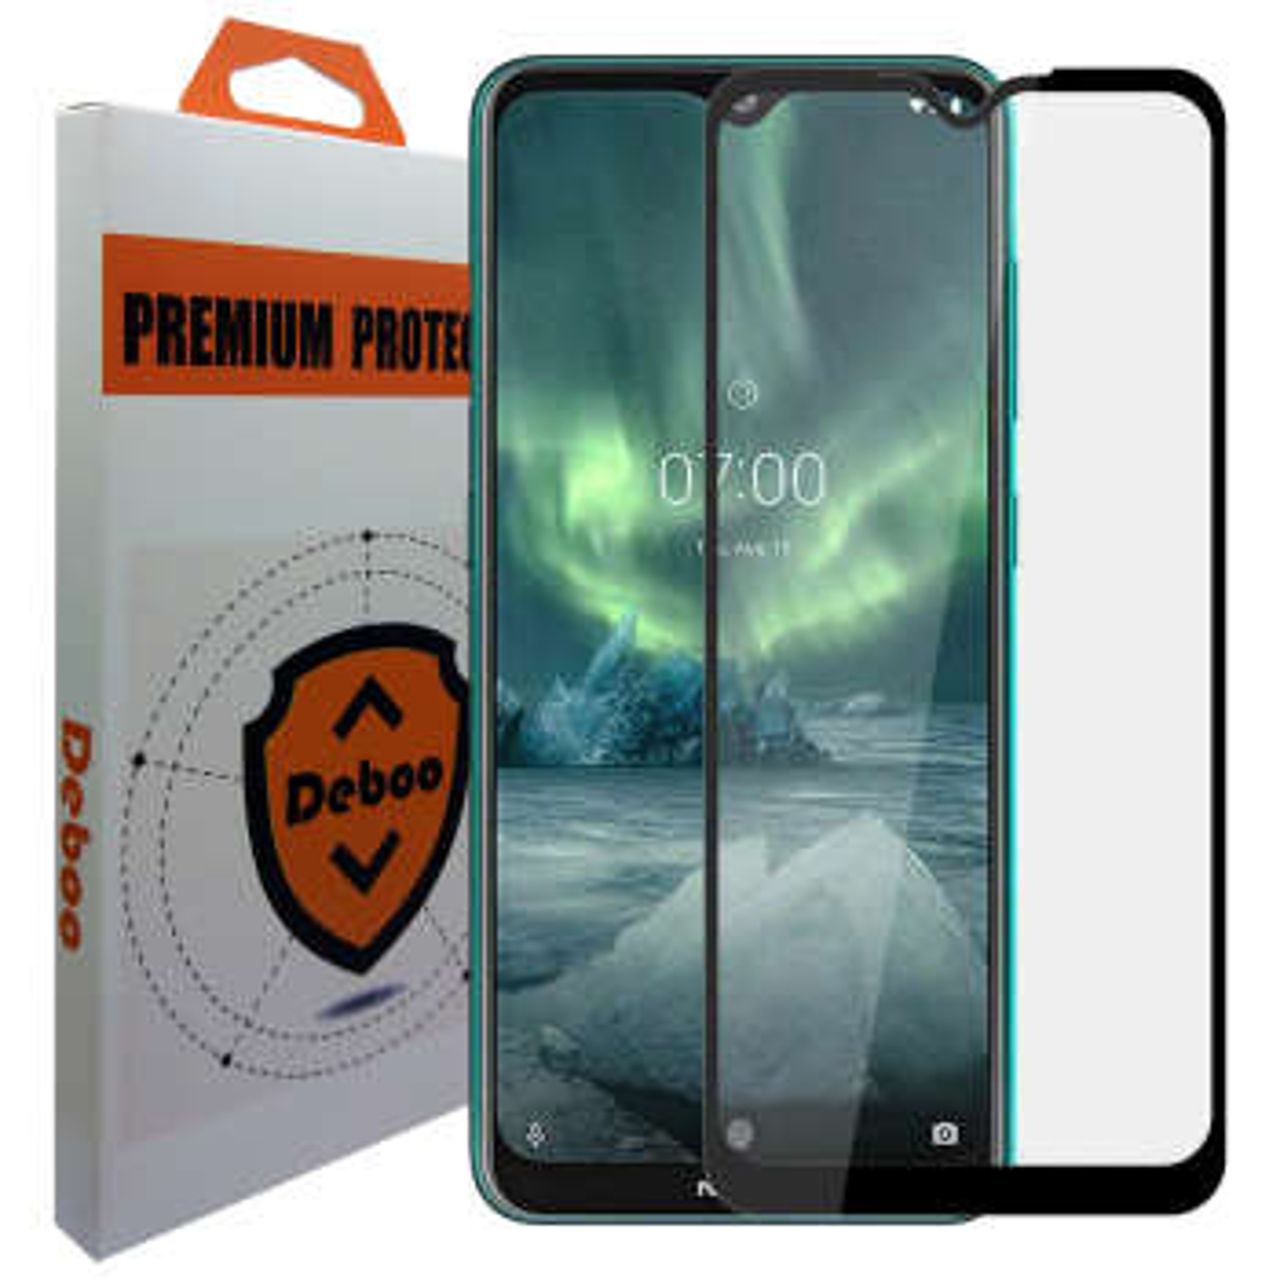 محافظ صفحه نمایش دبو مدل RN9N مناسب برای گوشی موبایل نوکیا 3.2